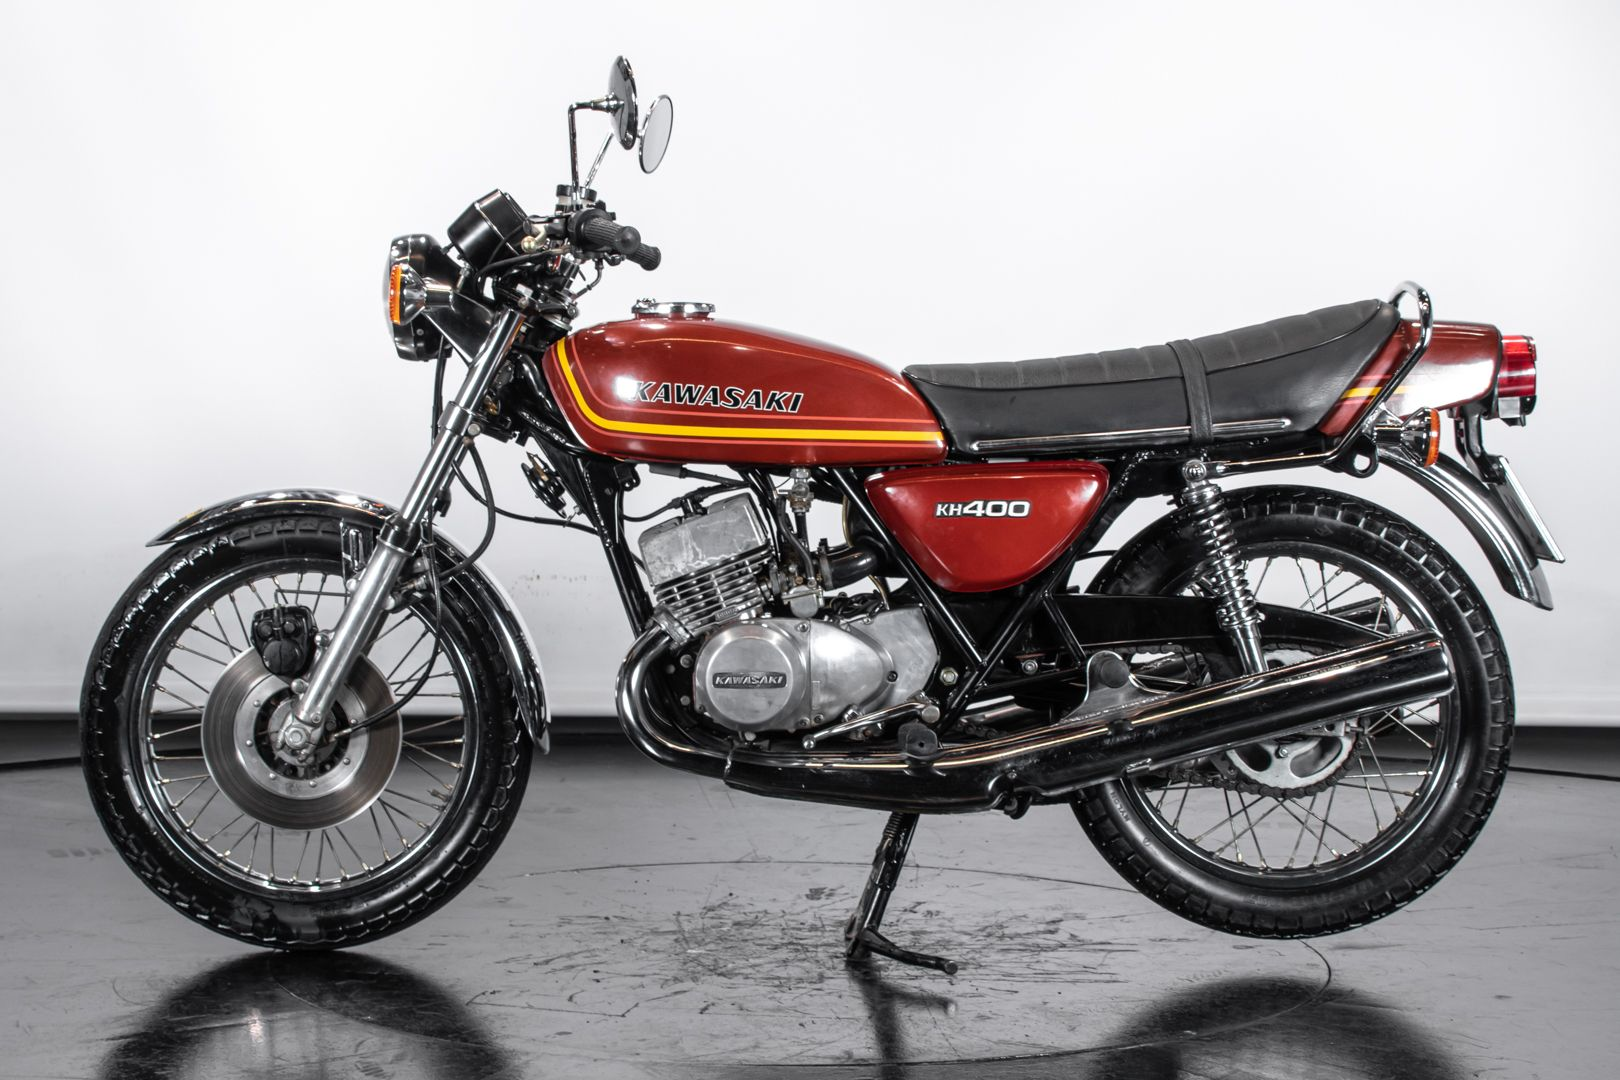 1976 Kawasaki KH 400 MACH III 78847